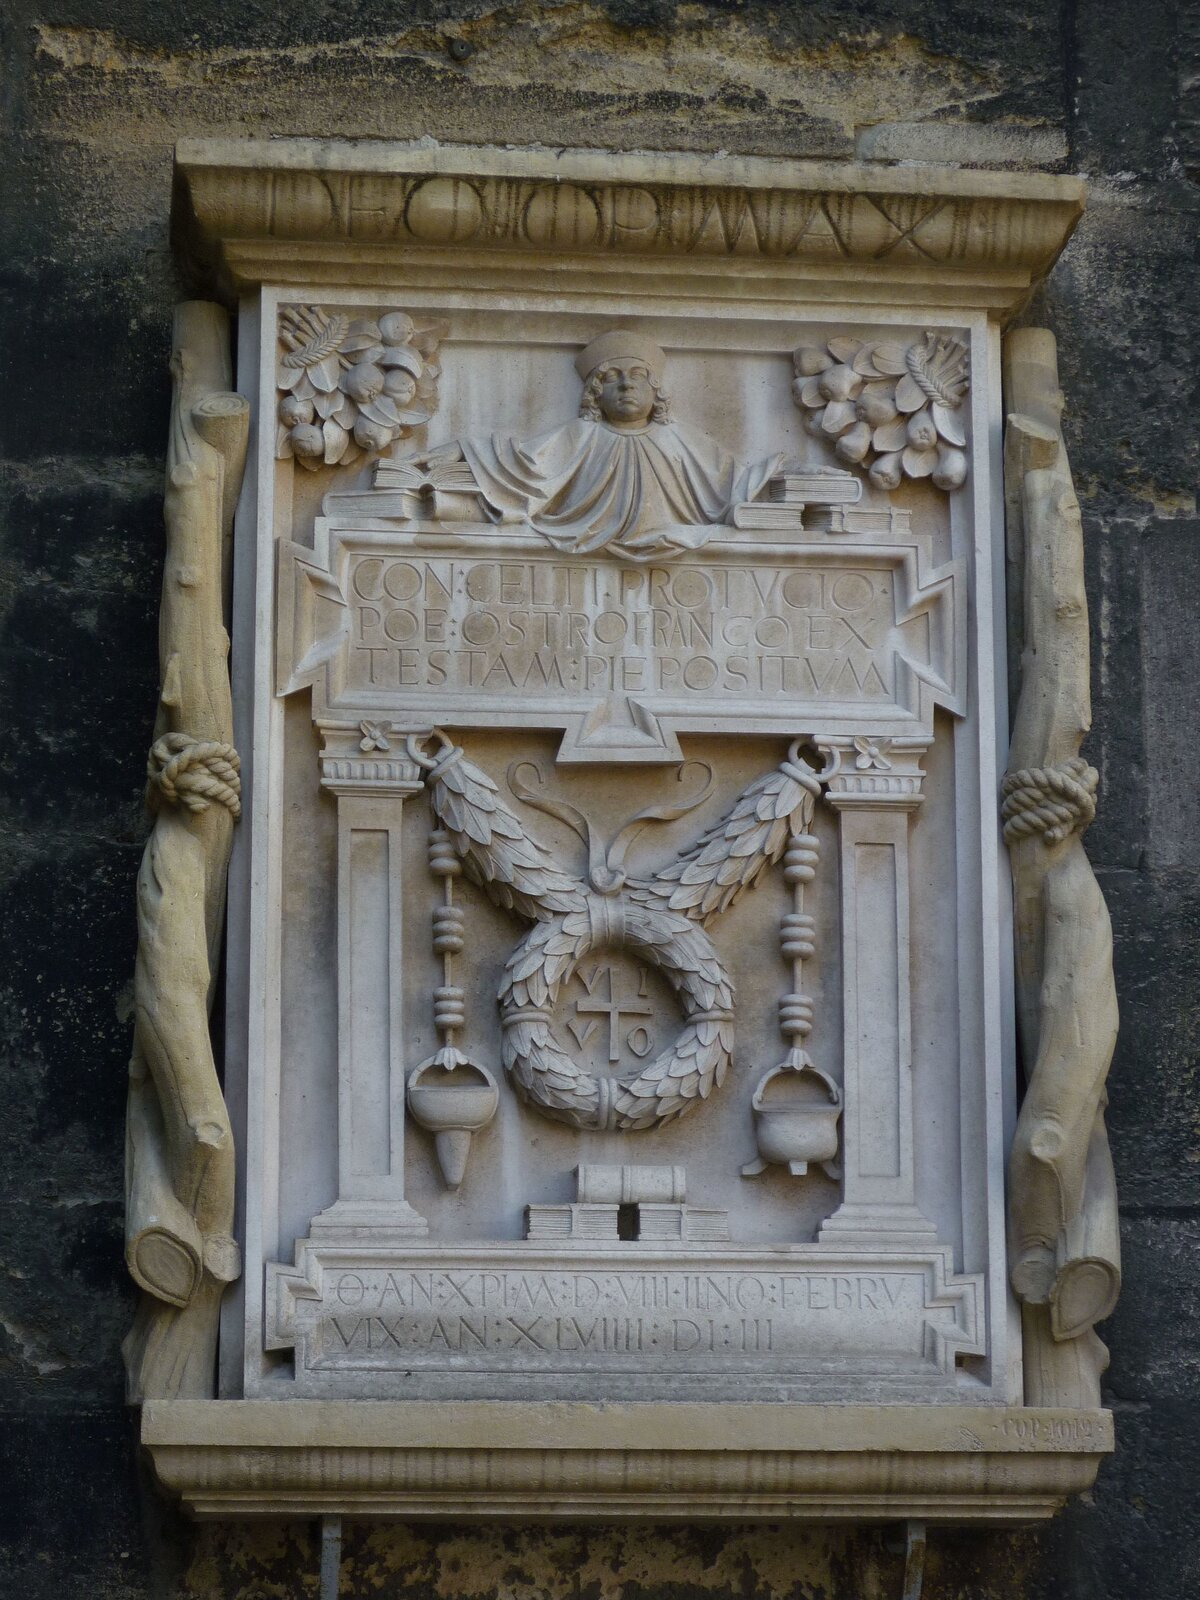 Konrad Celtis (epitafium wkatedrze św. Stefana wWiedniu) Źródło: Uoaei1, Konrad Celtis (epitafium wkatedrze św. Stefana wWiedniu), 2013, fotografia, licencja: CC BY-SA 3.0.